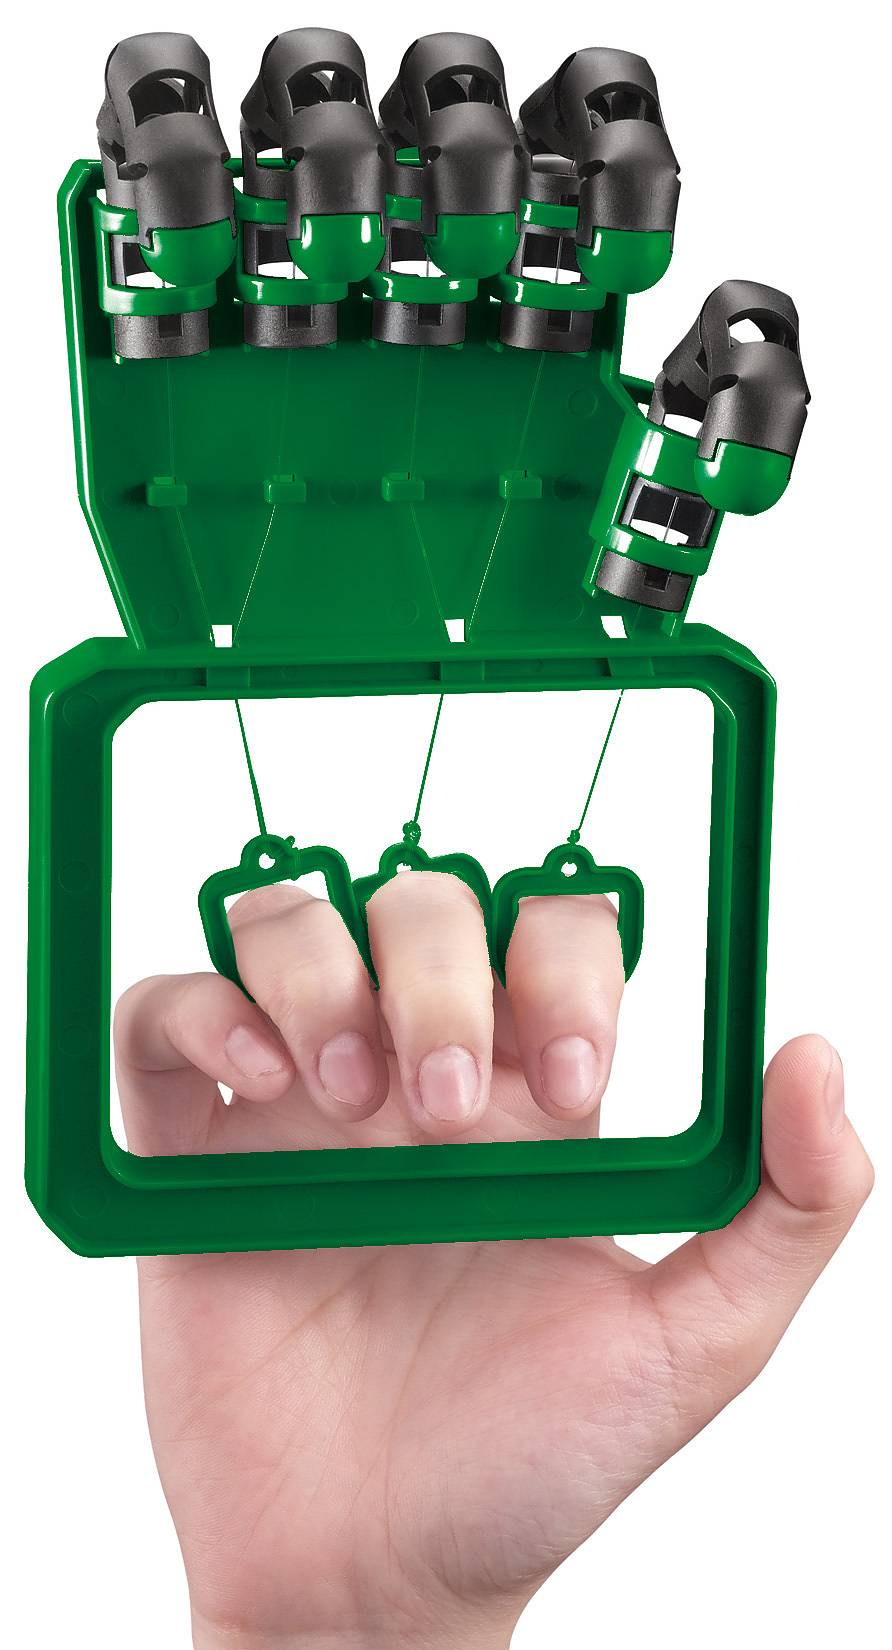 Robotic Hand 4M KidzLabs